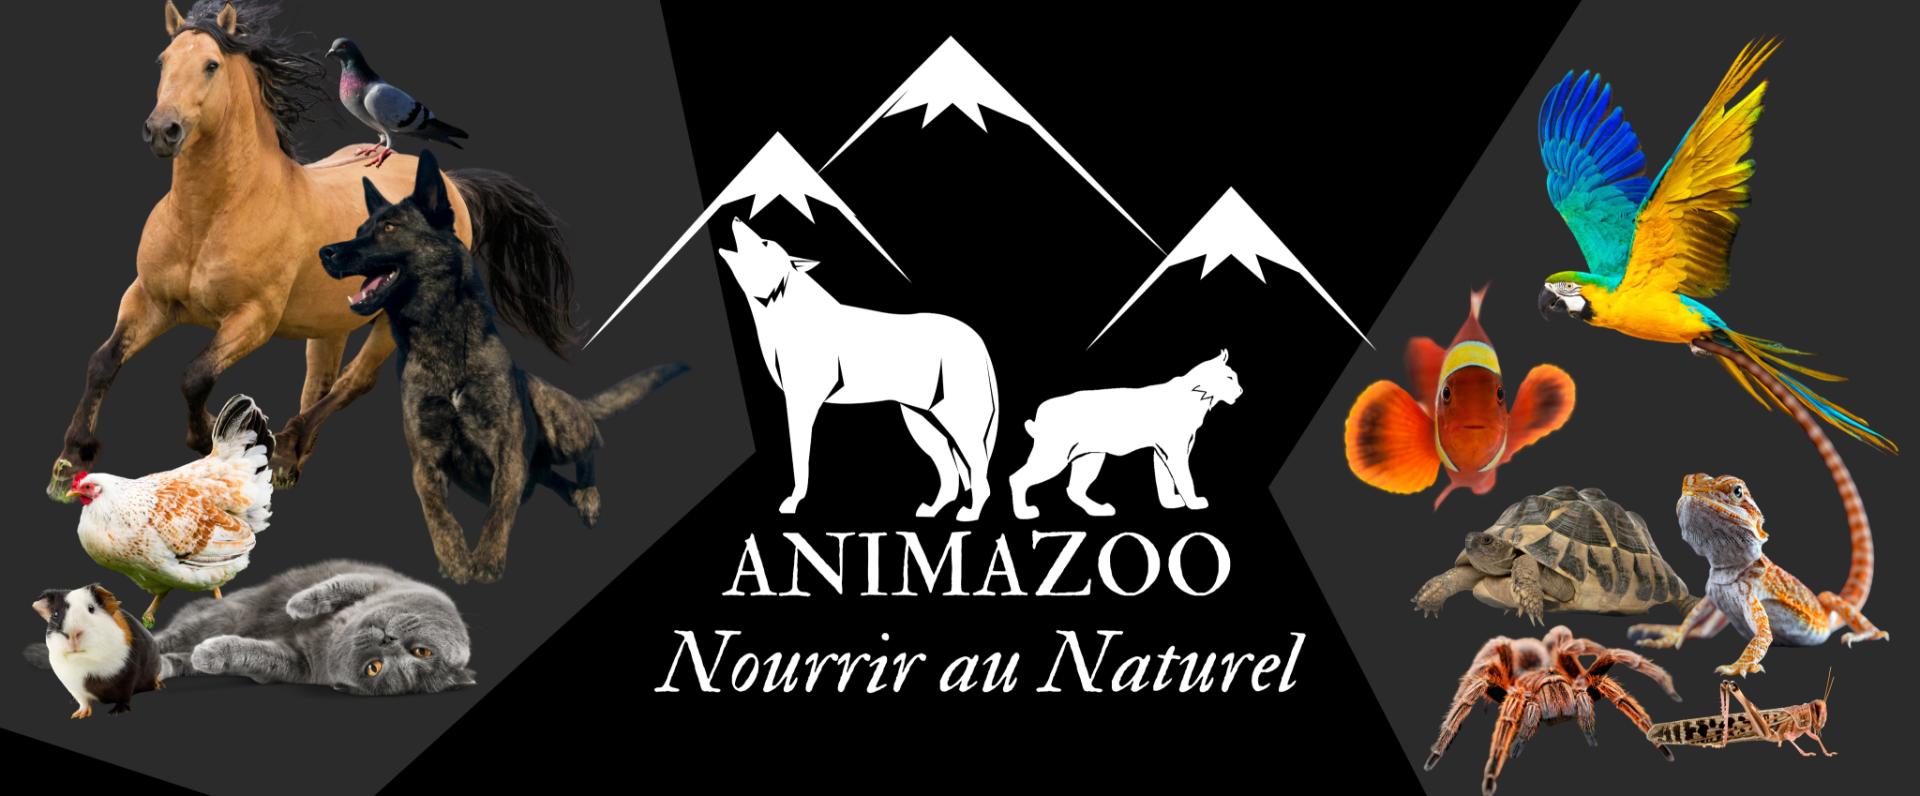 animazoo_bienvenue-sur-notre-nouvelle-boutique-en-ligne